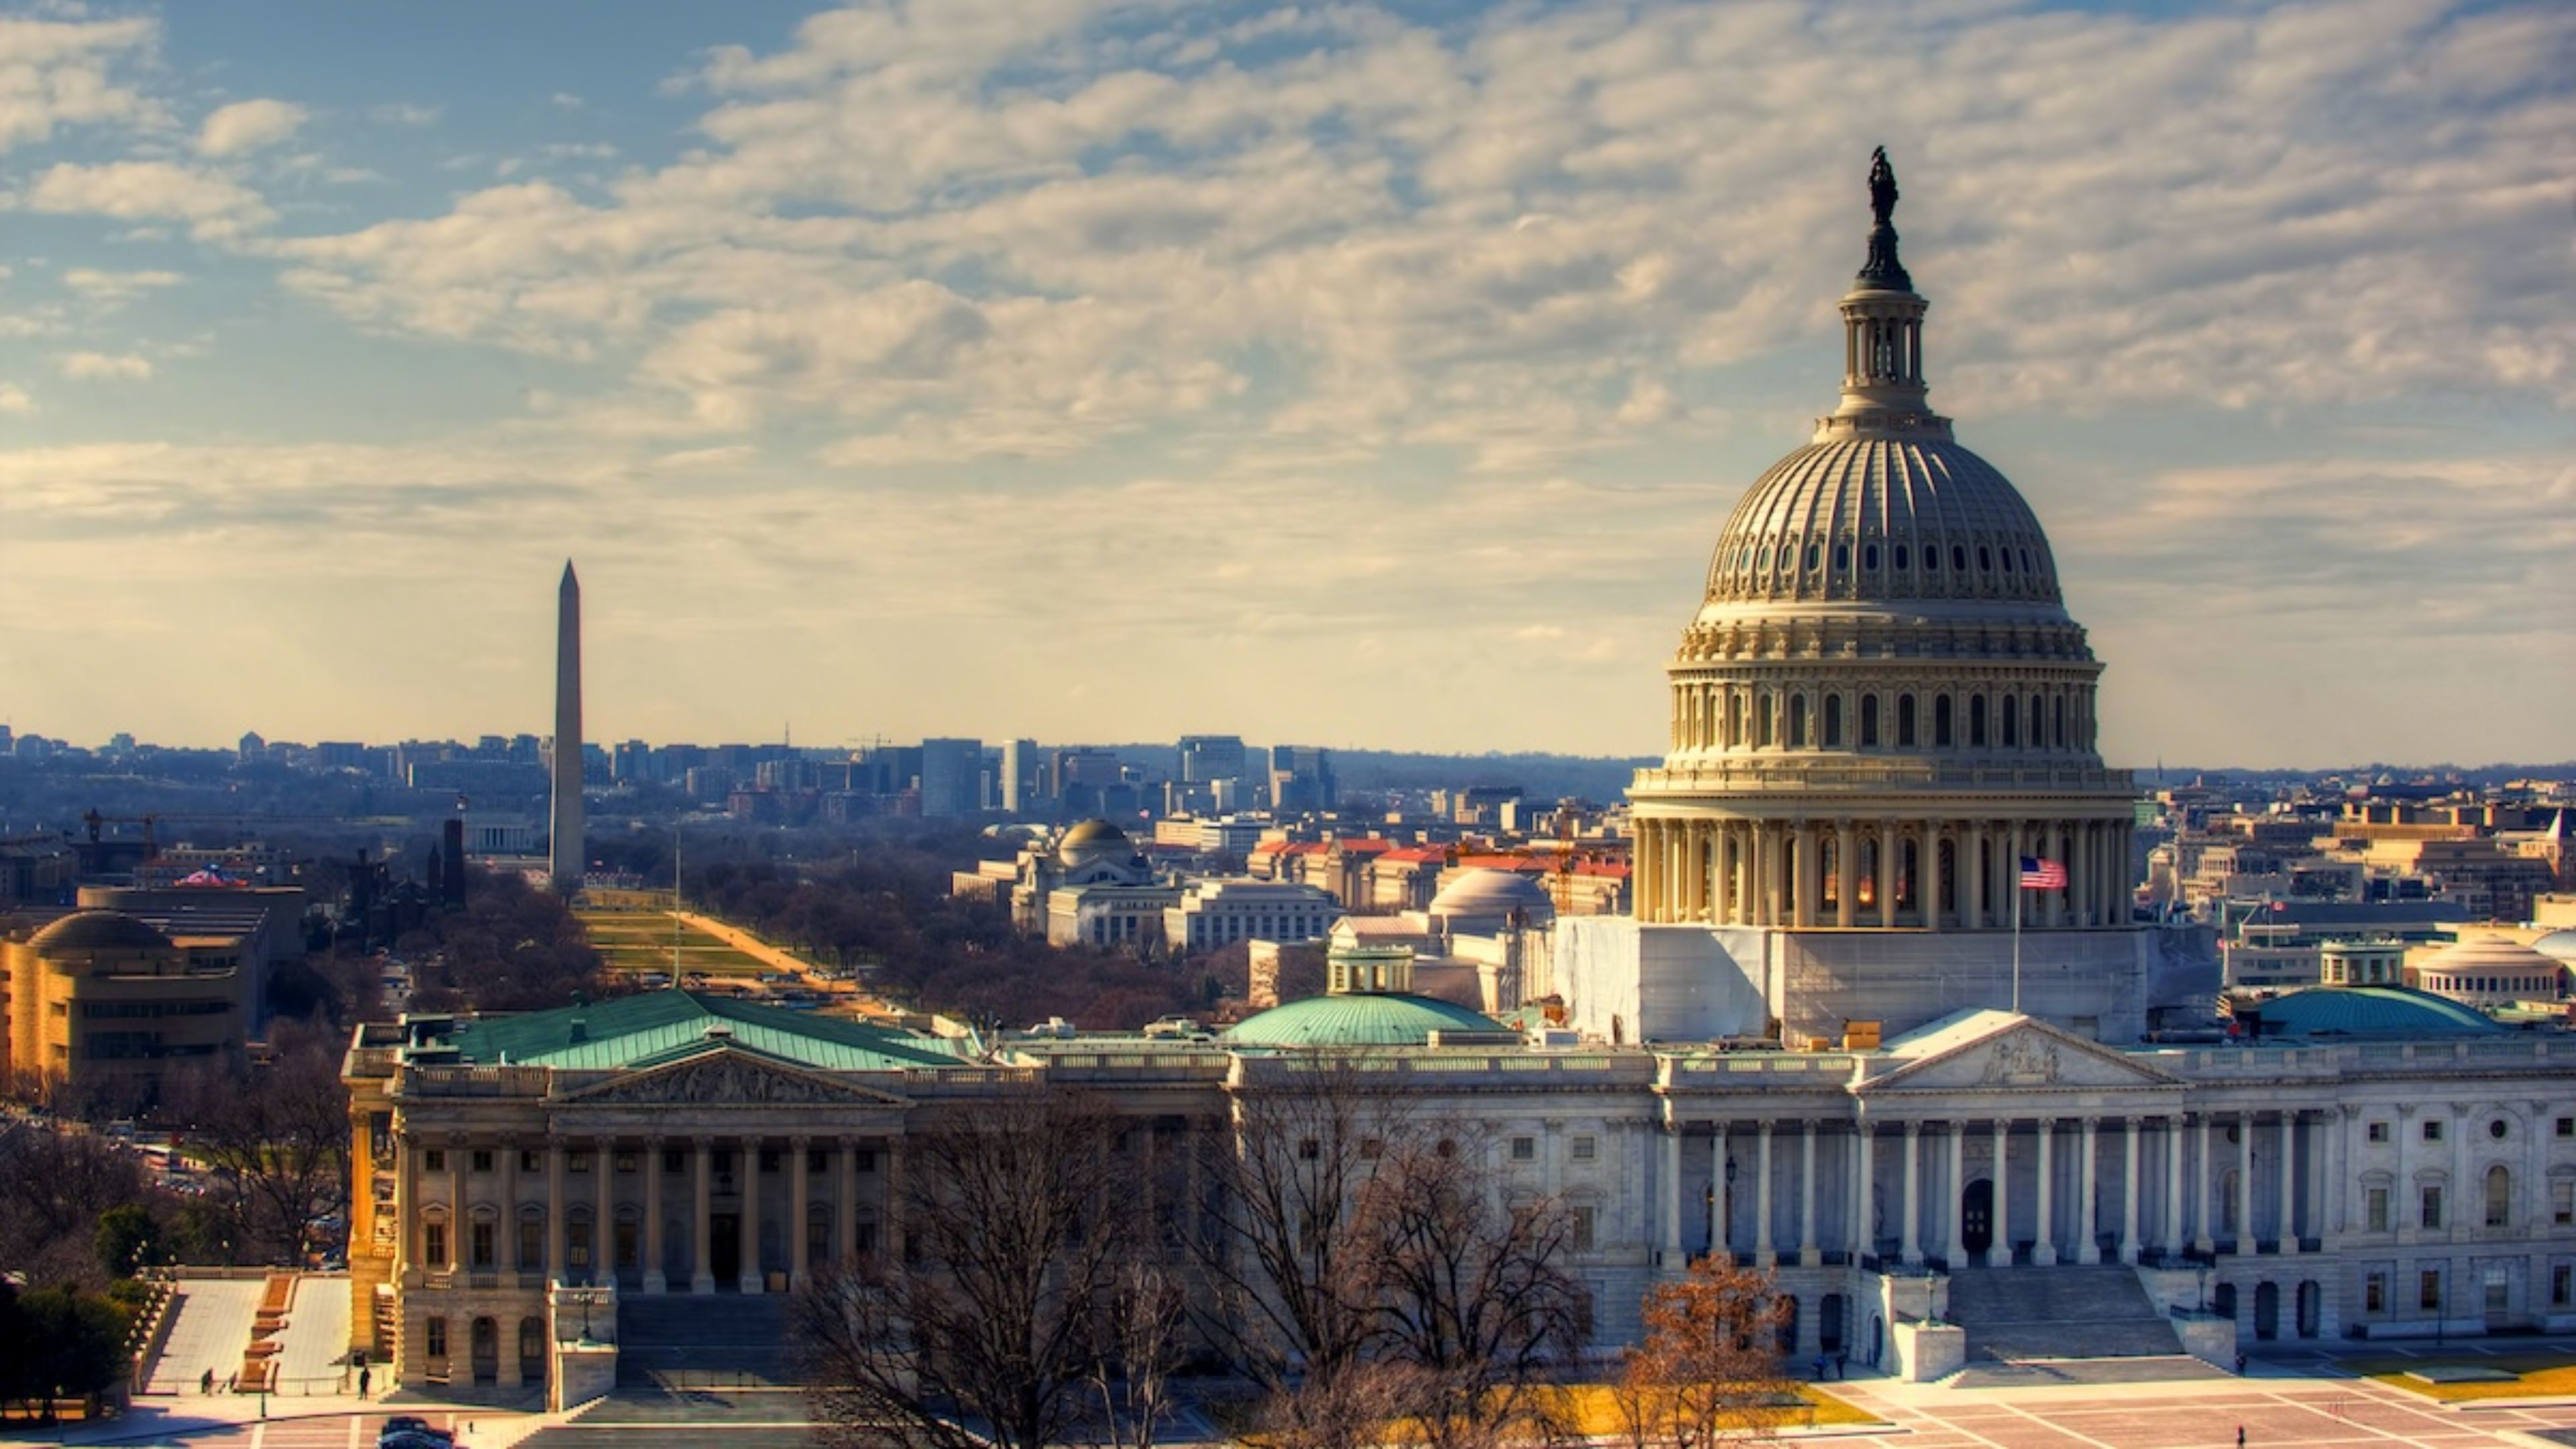 Washington Dc HD Wallpaper